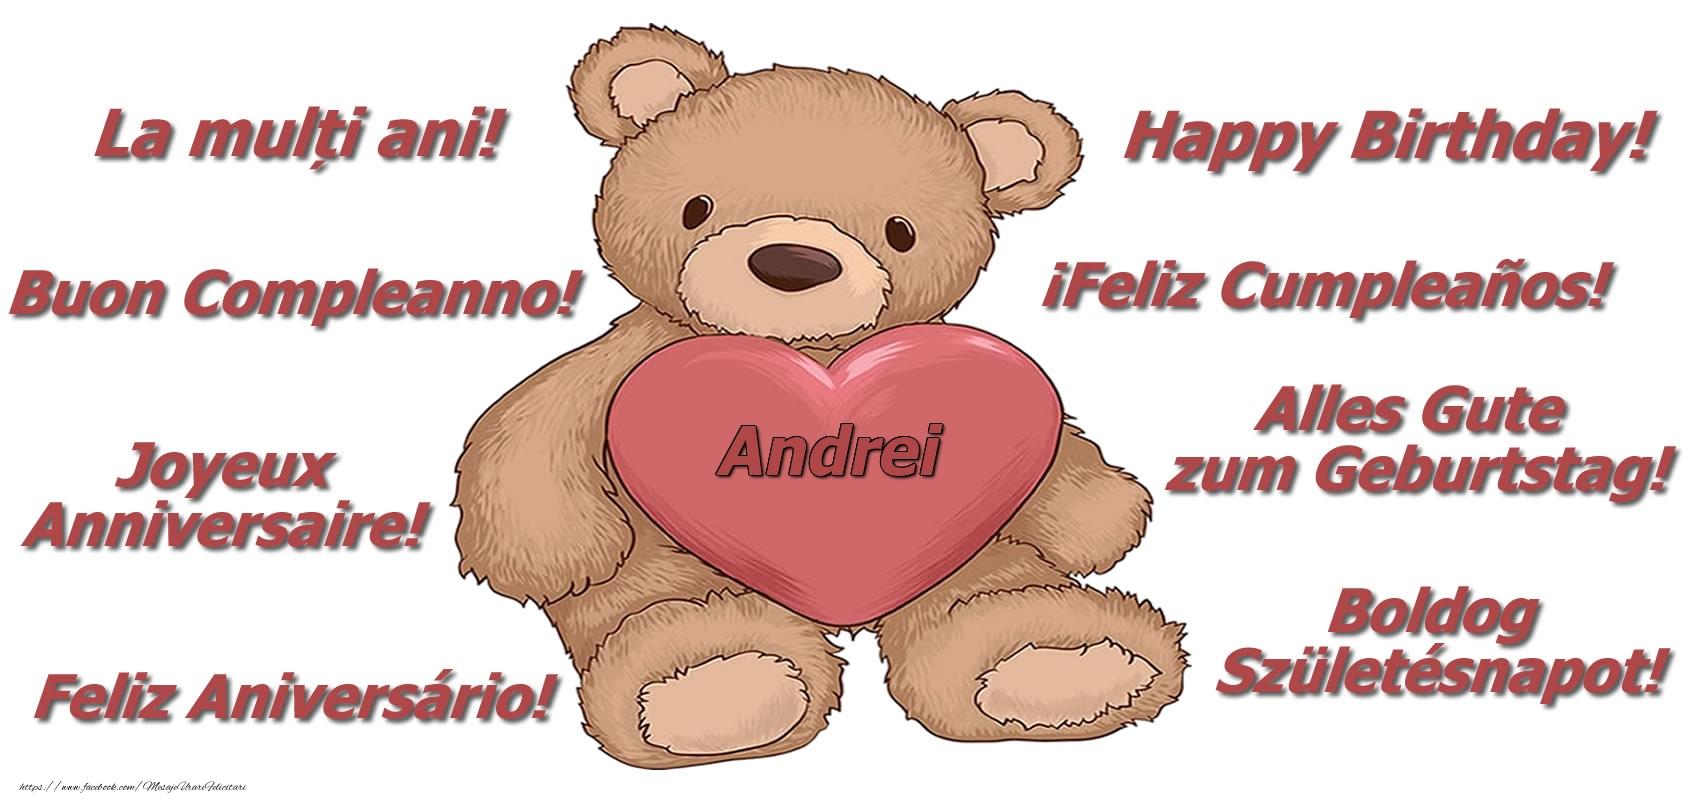 Felicitari de zi de nastere - La multi ani Andrei! - Ursulet